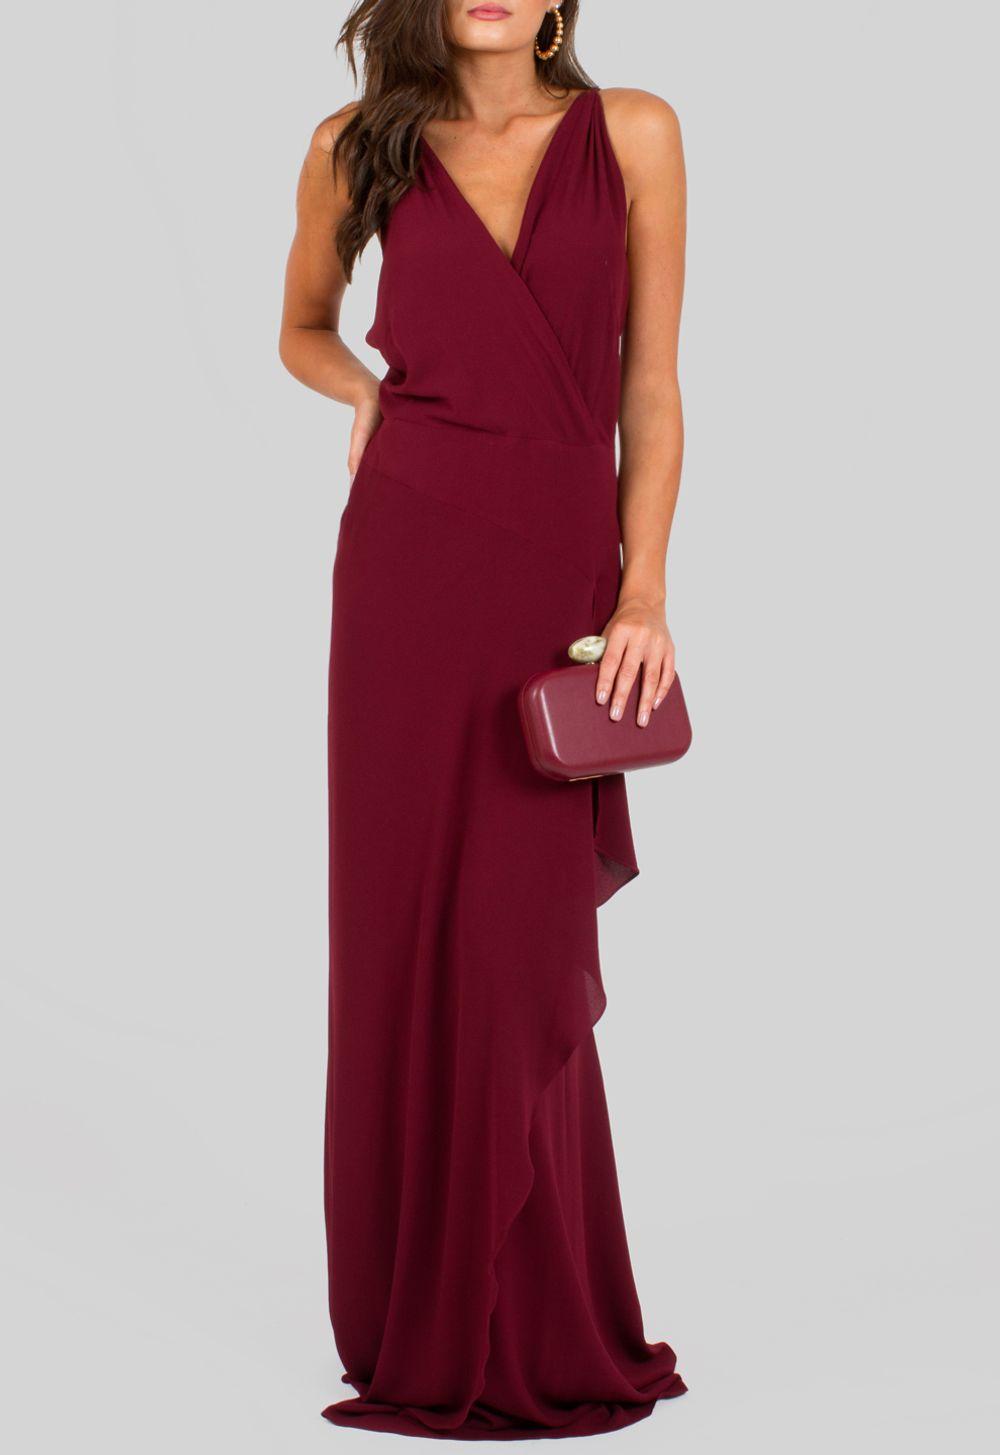 4efe4407c vestido-evora-longo-com-alcas-trancadas-e-fenda ...